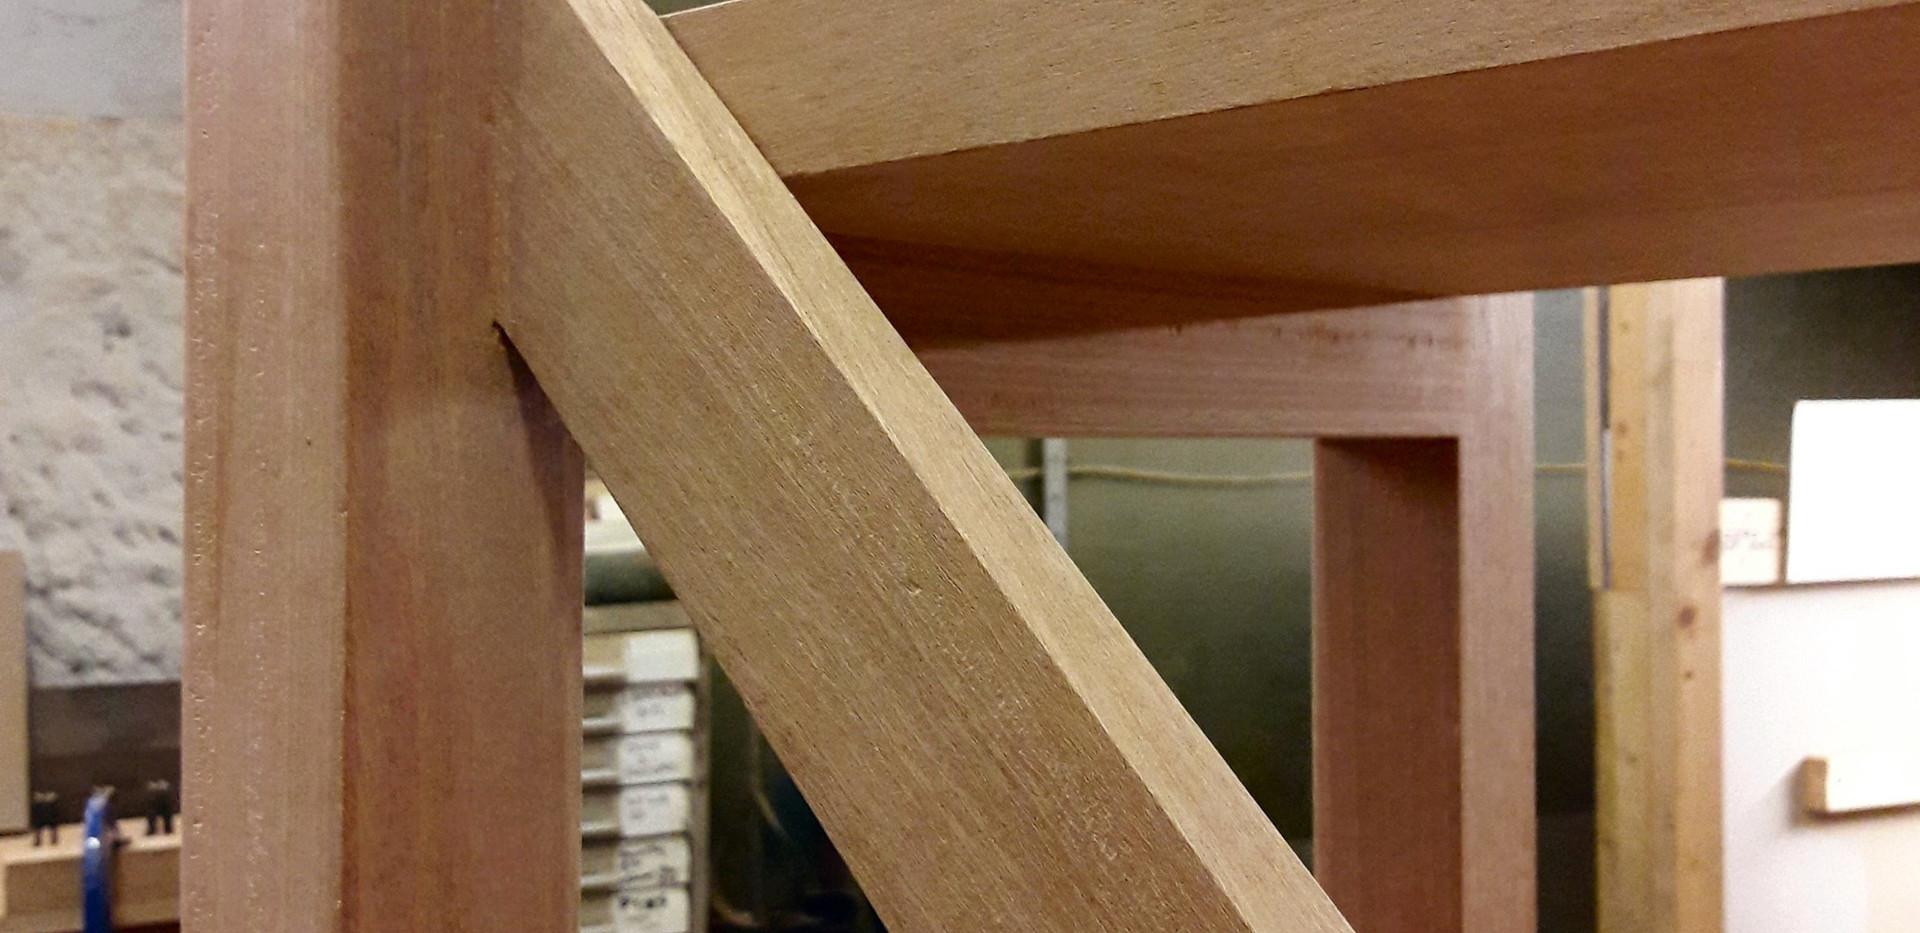 Shelf bracing